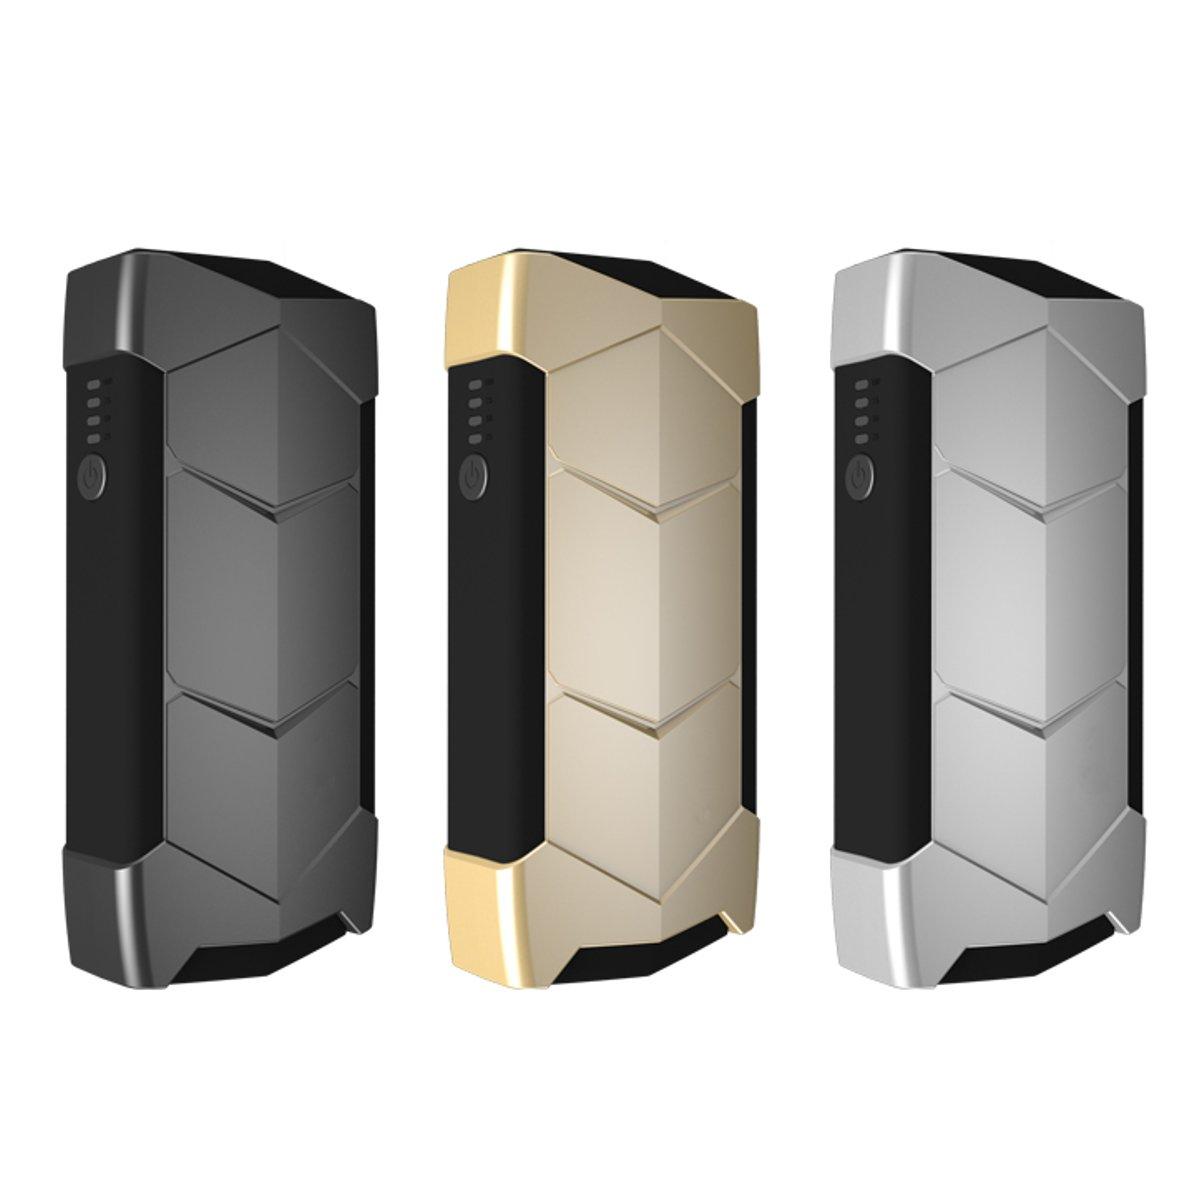 Haute Capacité 68800 mAh Voiture Saut Starte 400A 12 V Portable batterie externe De Voiture Démarreur pour la voiture amplificateur de batterie Chargeur Dispositif de Démarrage - 4